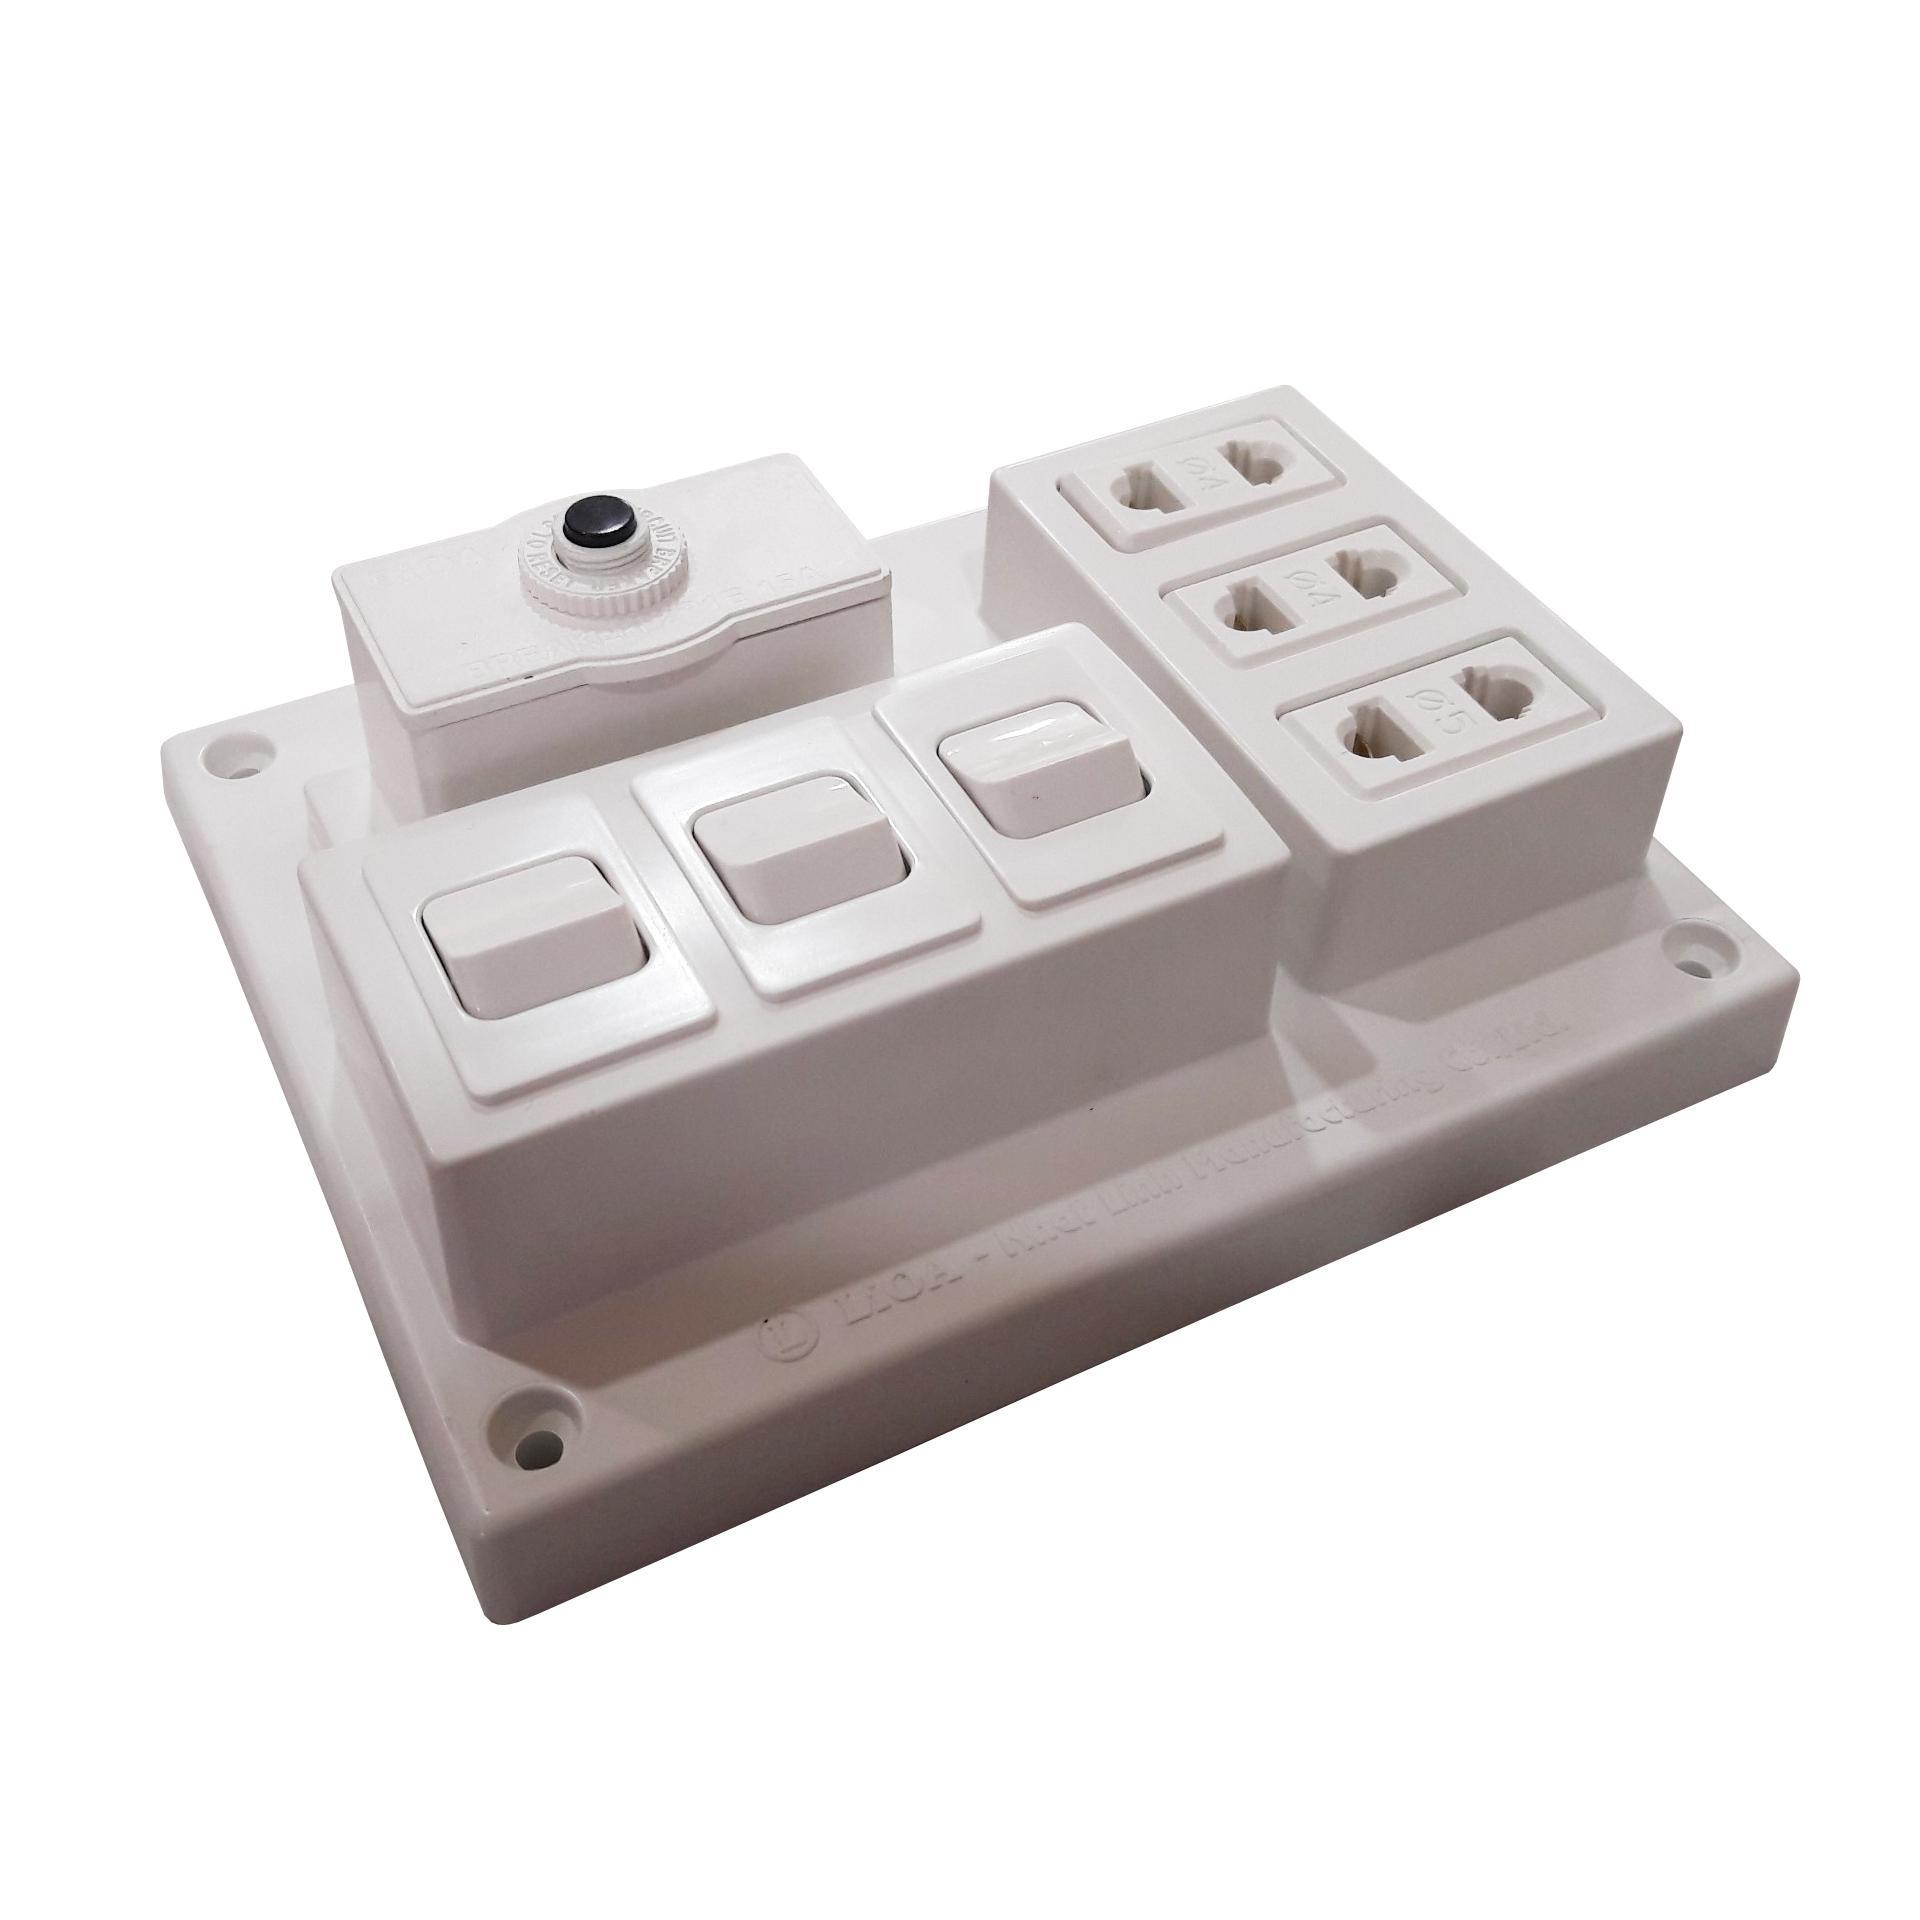 Hình ảnh Bảng điện nổi 15A có 3 ổ cắm 3 công tắc LIOA CB15A3C